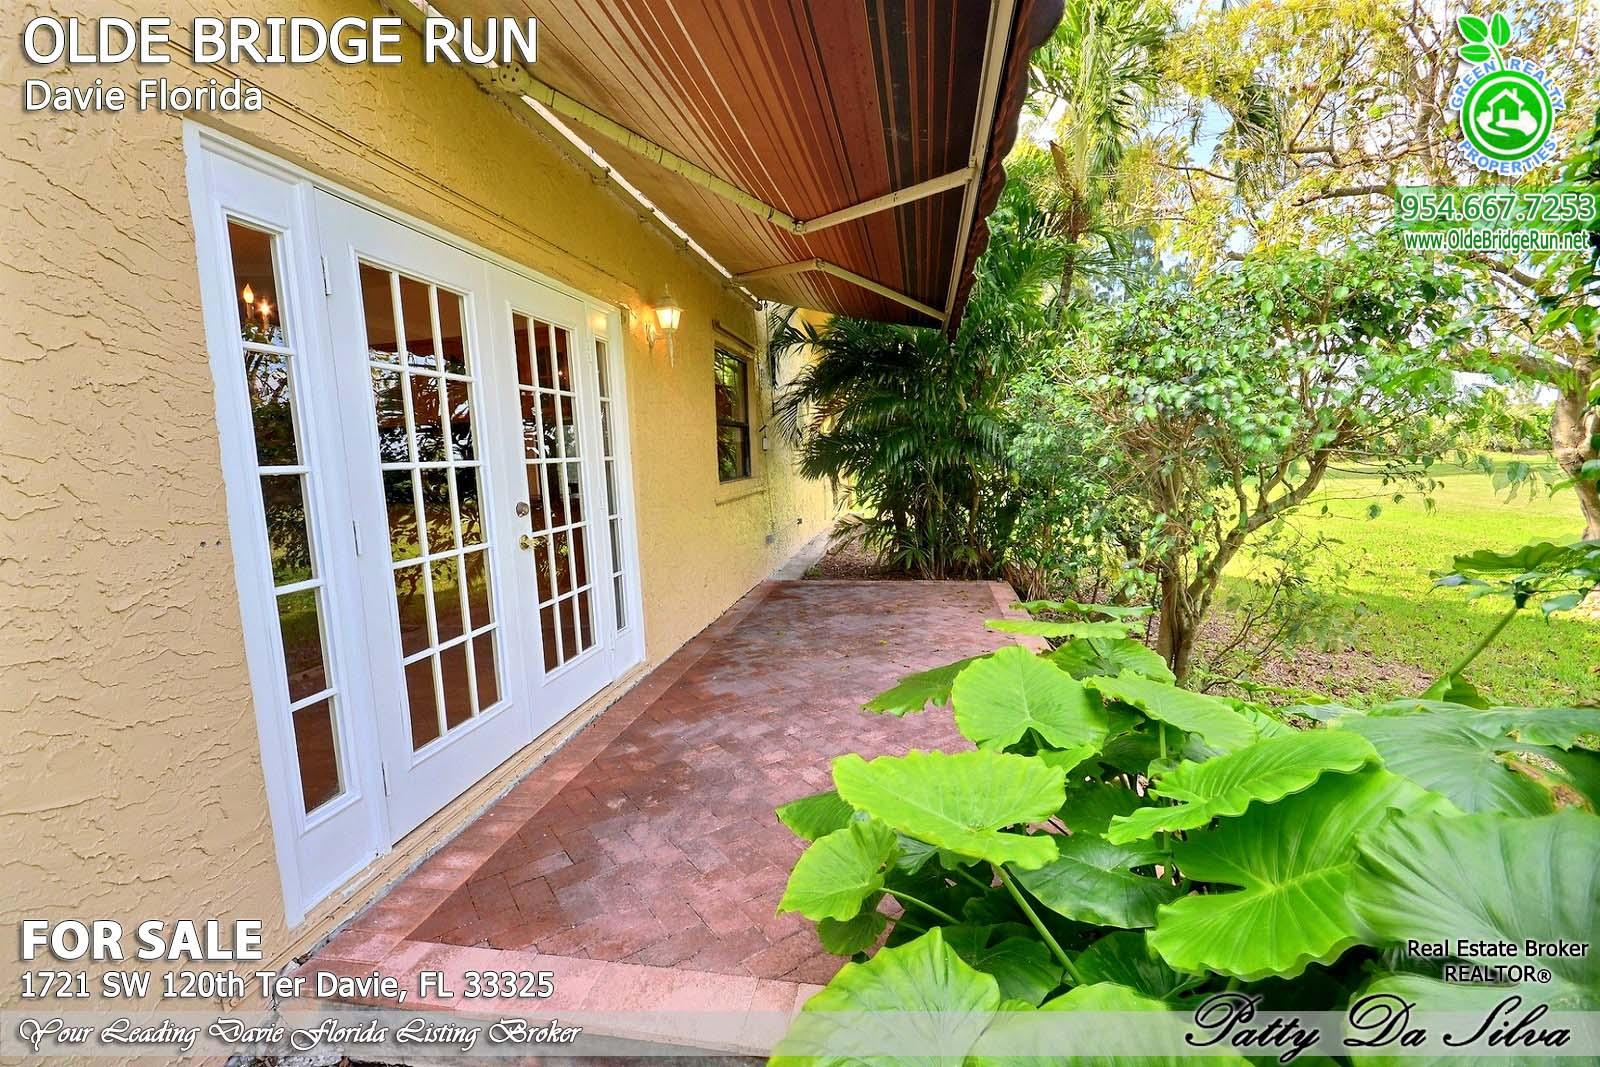 Olde Bridge Run Homes in Davie FL (22)